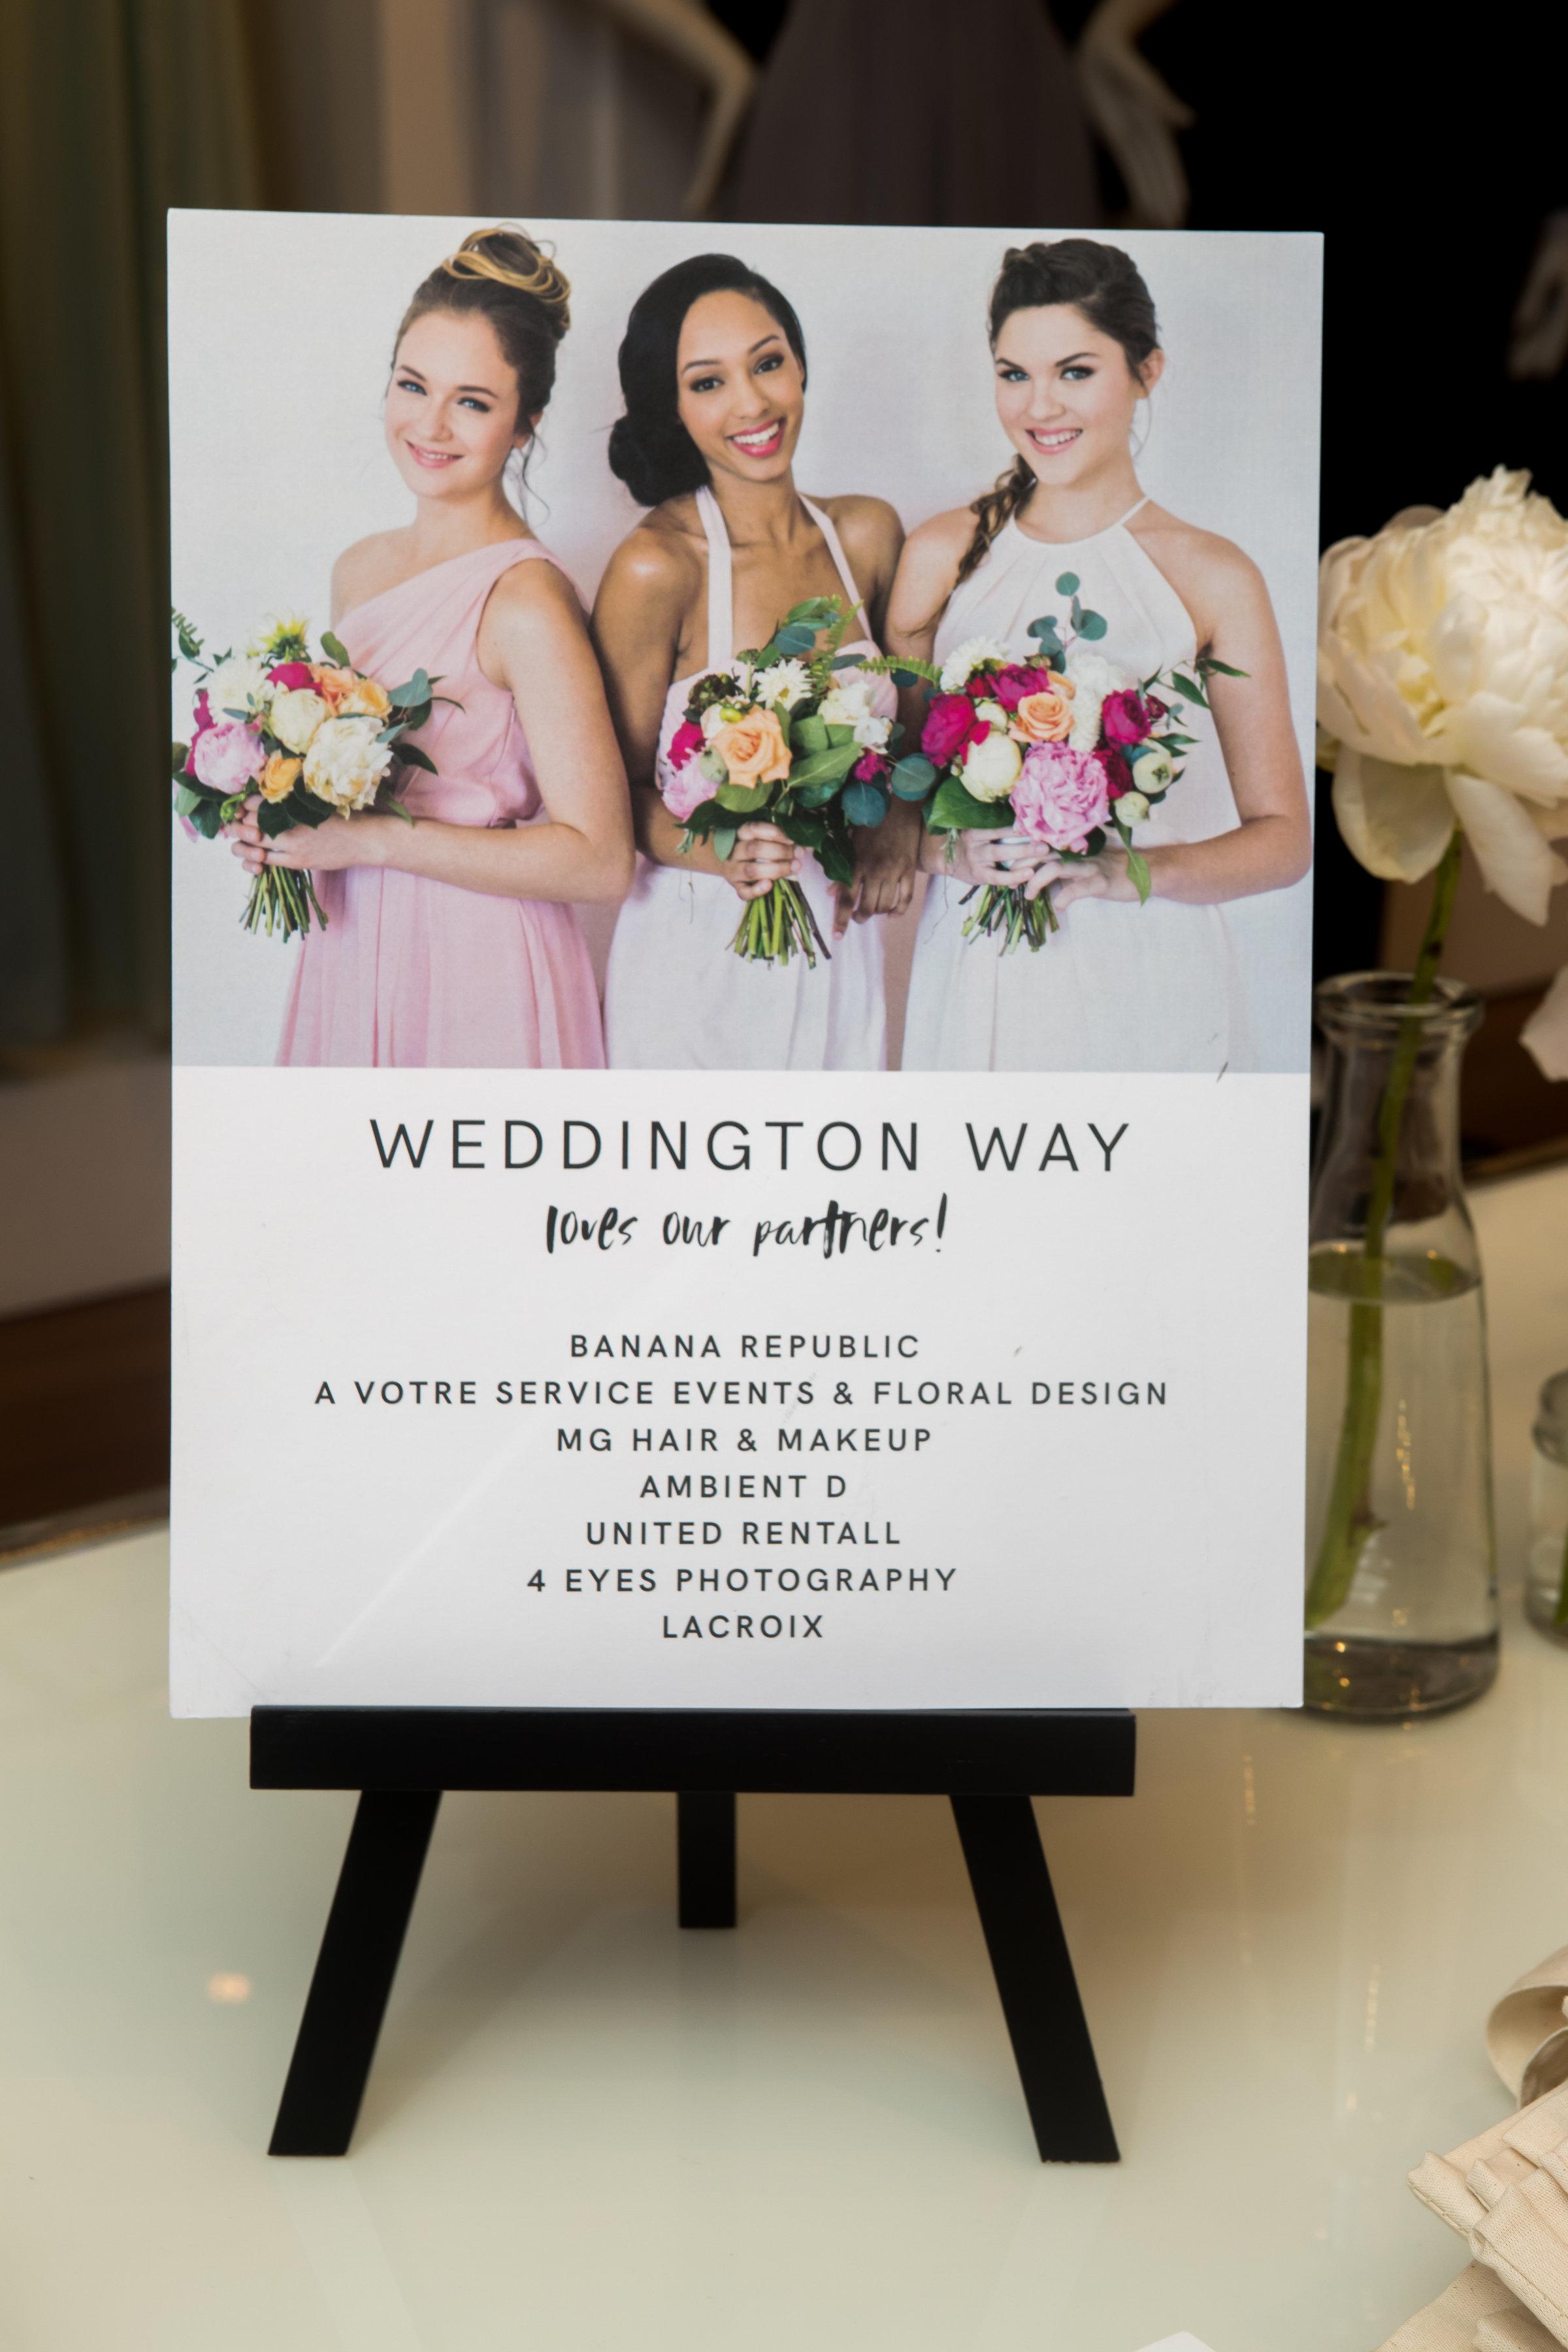 4-eyes-photography-weddington-way-bridal-event-0005.jpg